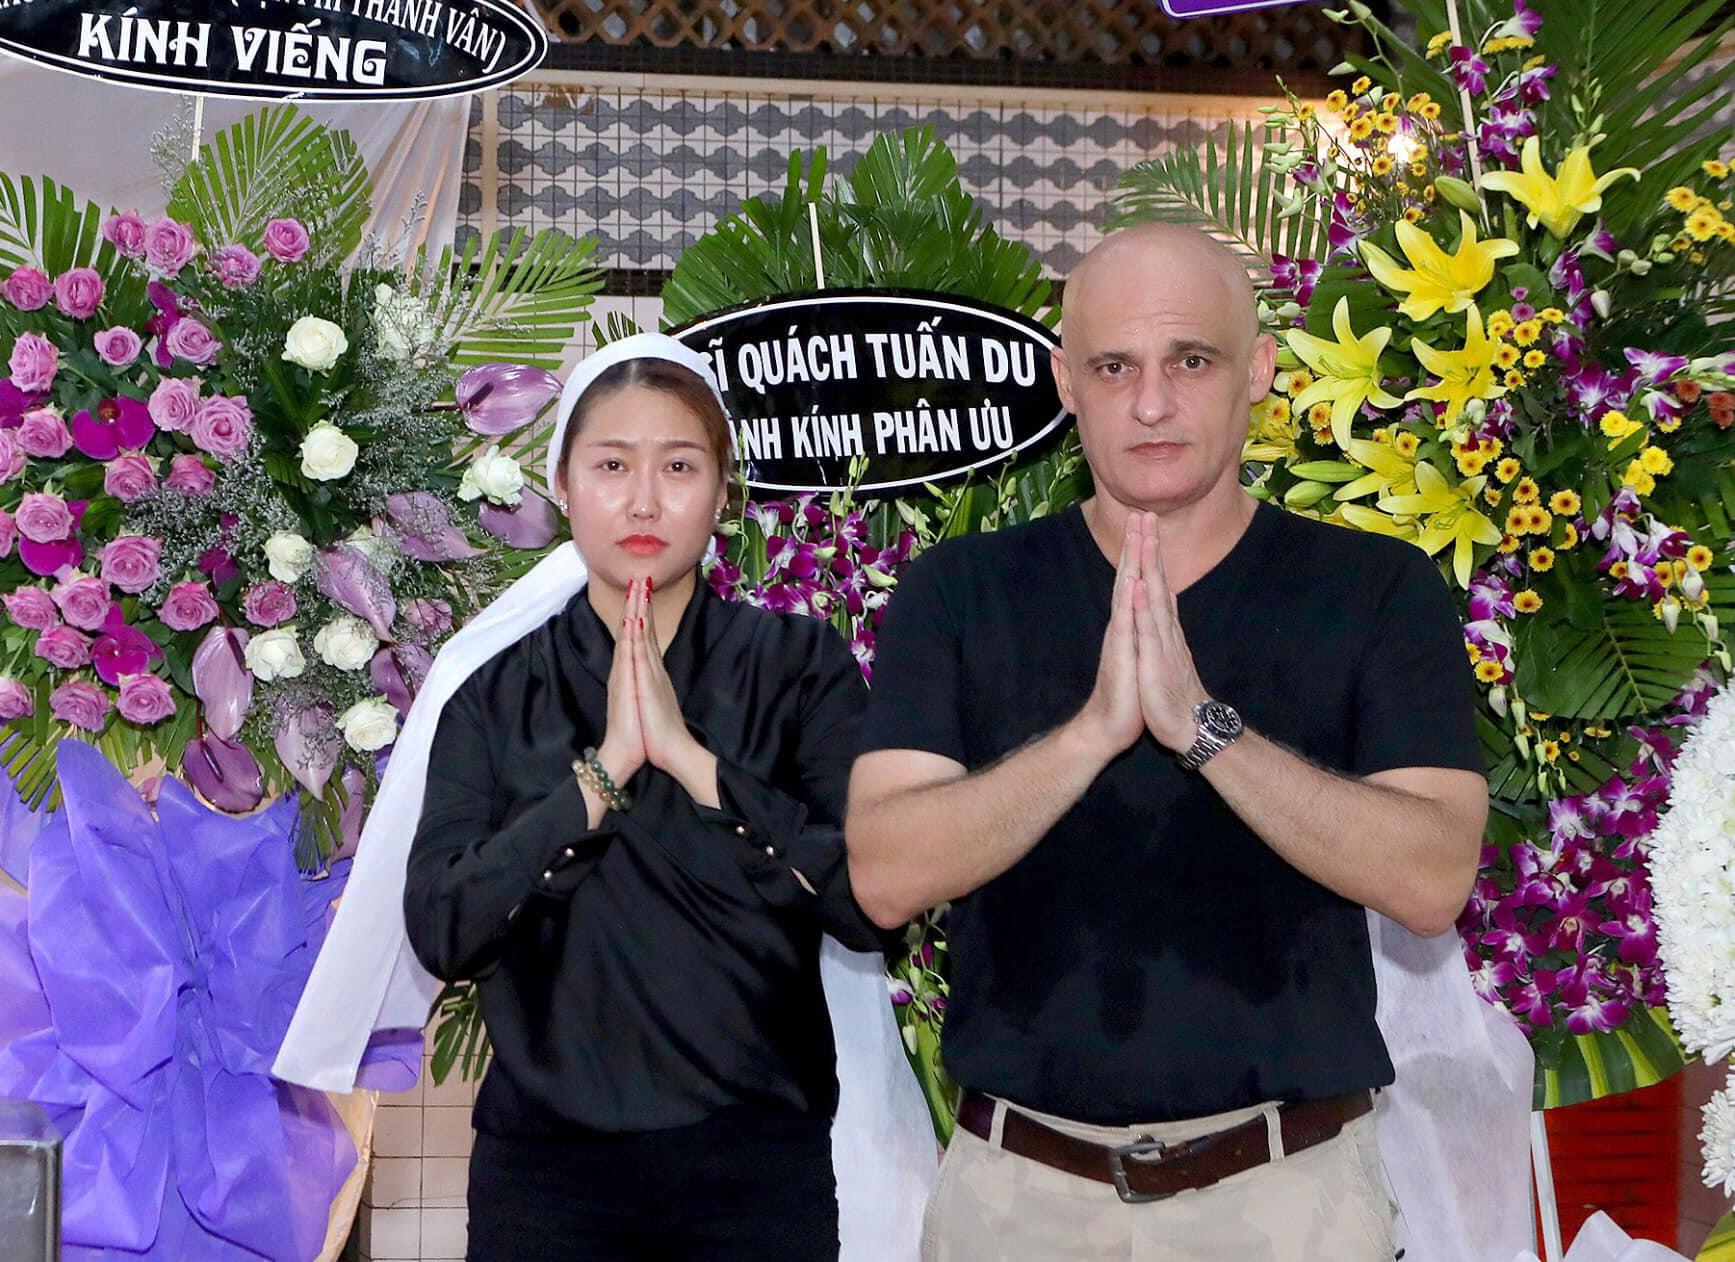 Chồng cũ để lại tài sản giúp Phi Thanh Vân làm giàu bất ngờ xuất hiện ở tang lễ bố vợ - Ảnh 3